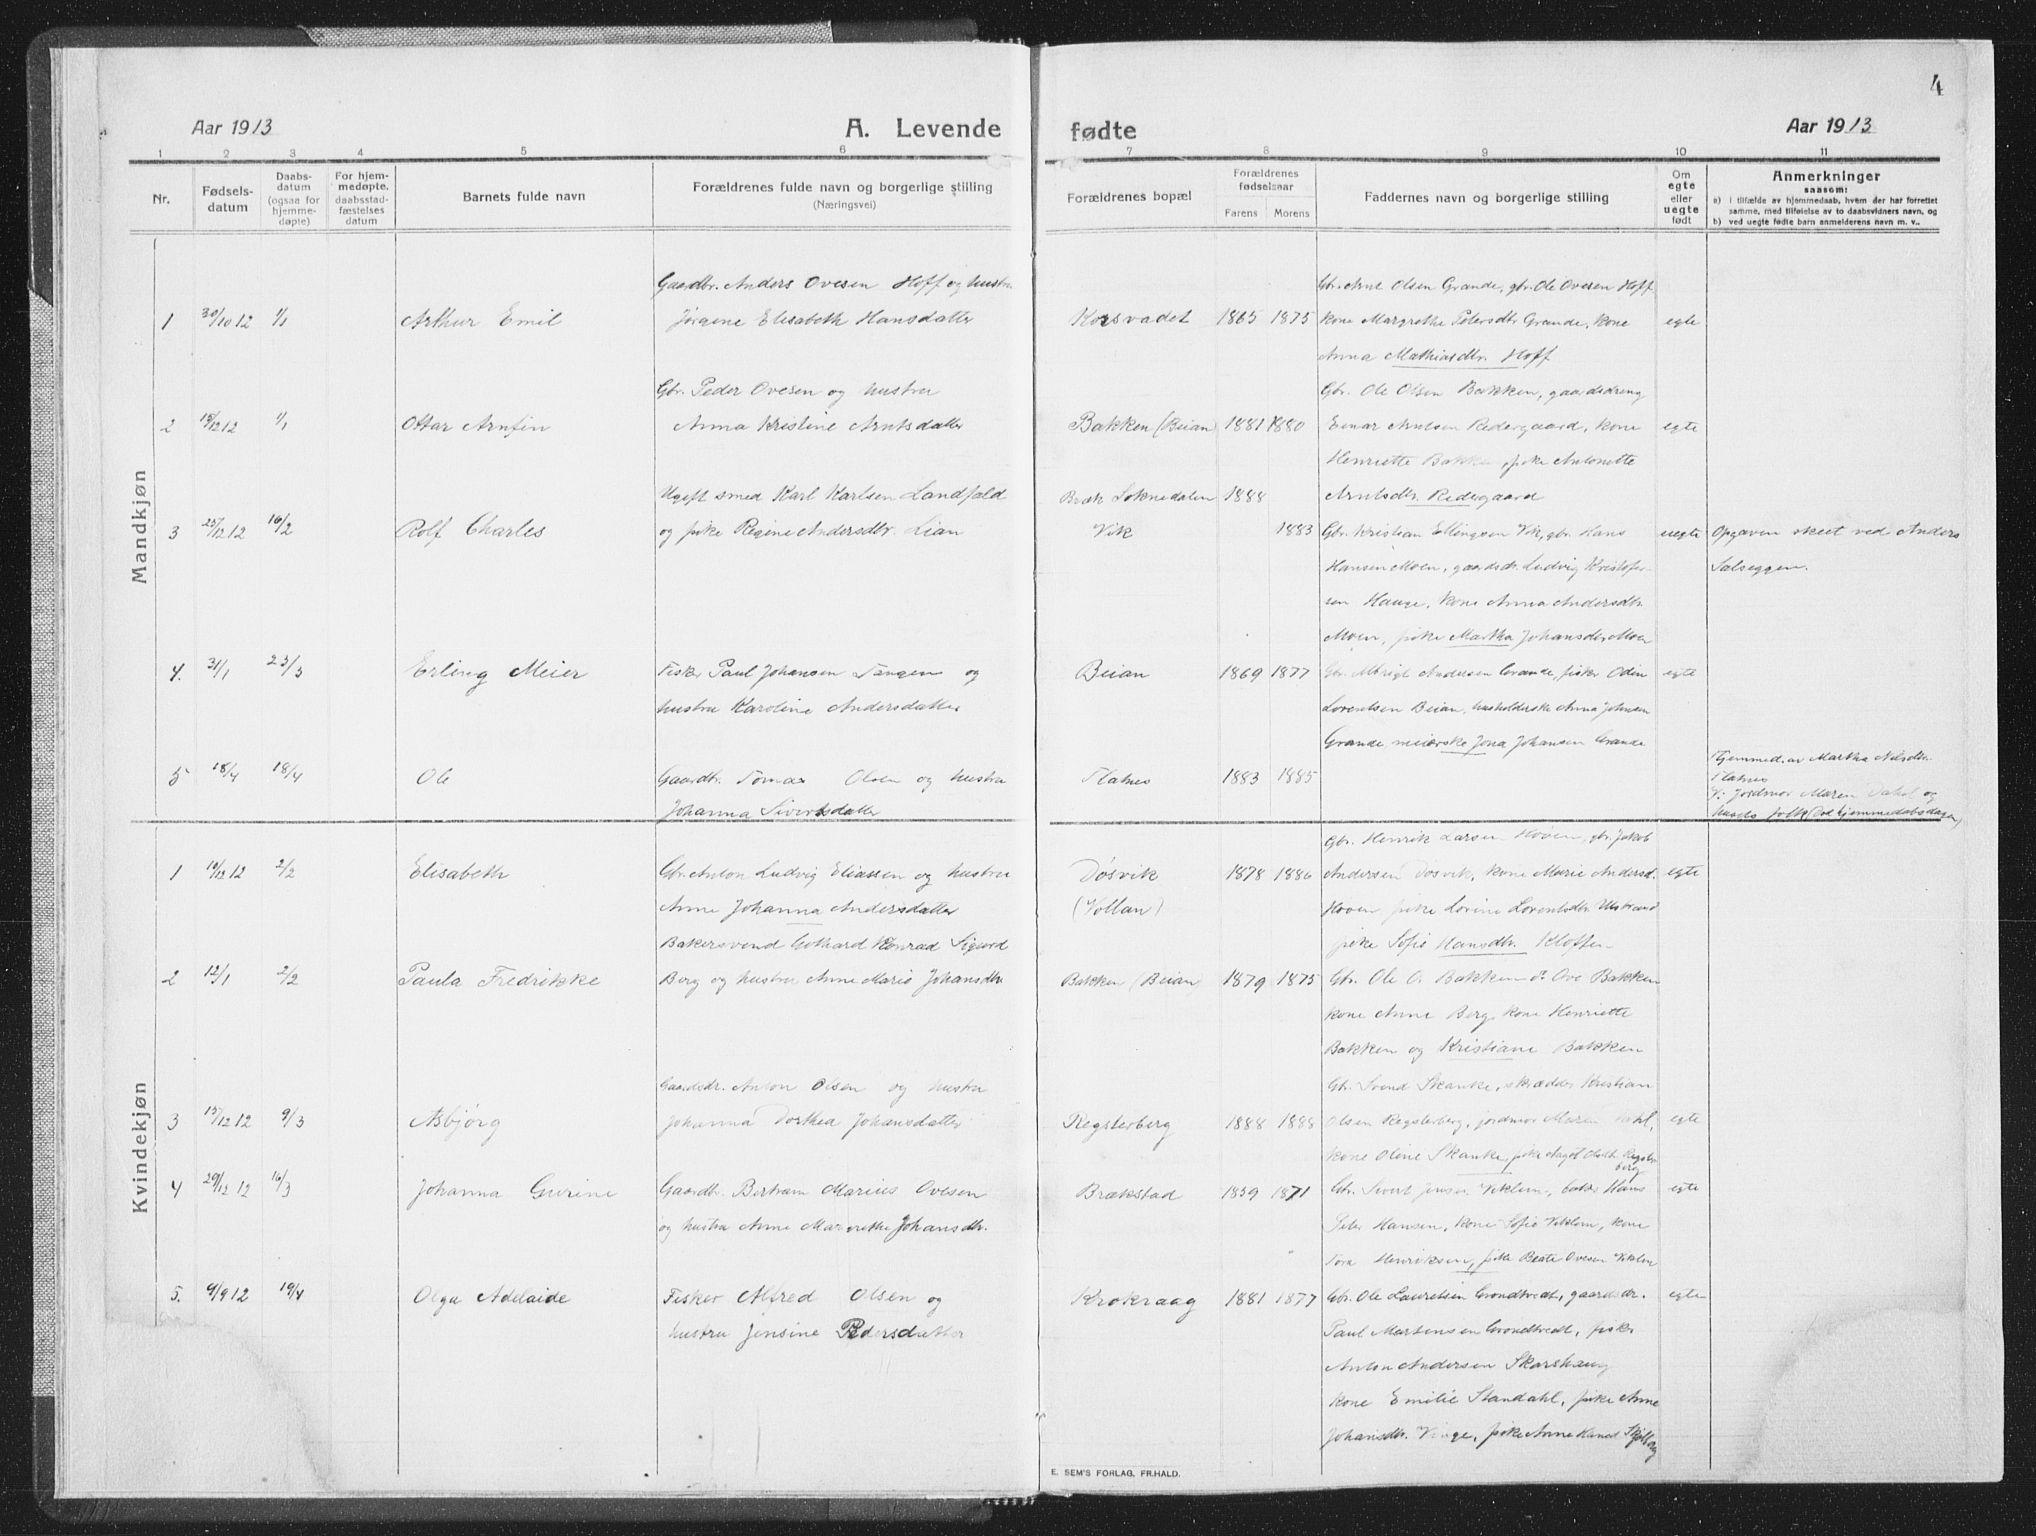 SAT, Ministerialprotokoller, klokkerbøker og fødselsregistre - Sør-Trøndelag, 659/L0747: Klokkerbok nr. 659C04, 1913-1938, s. 4